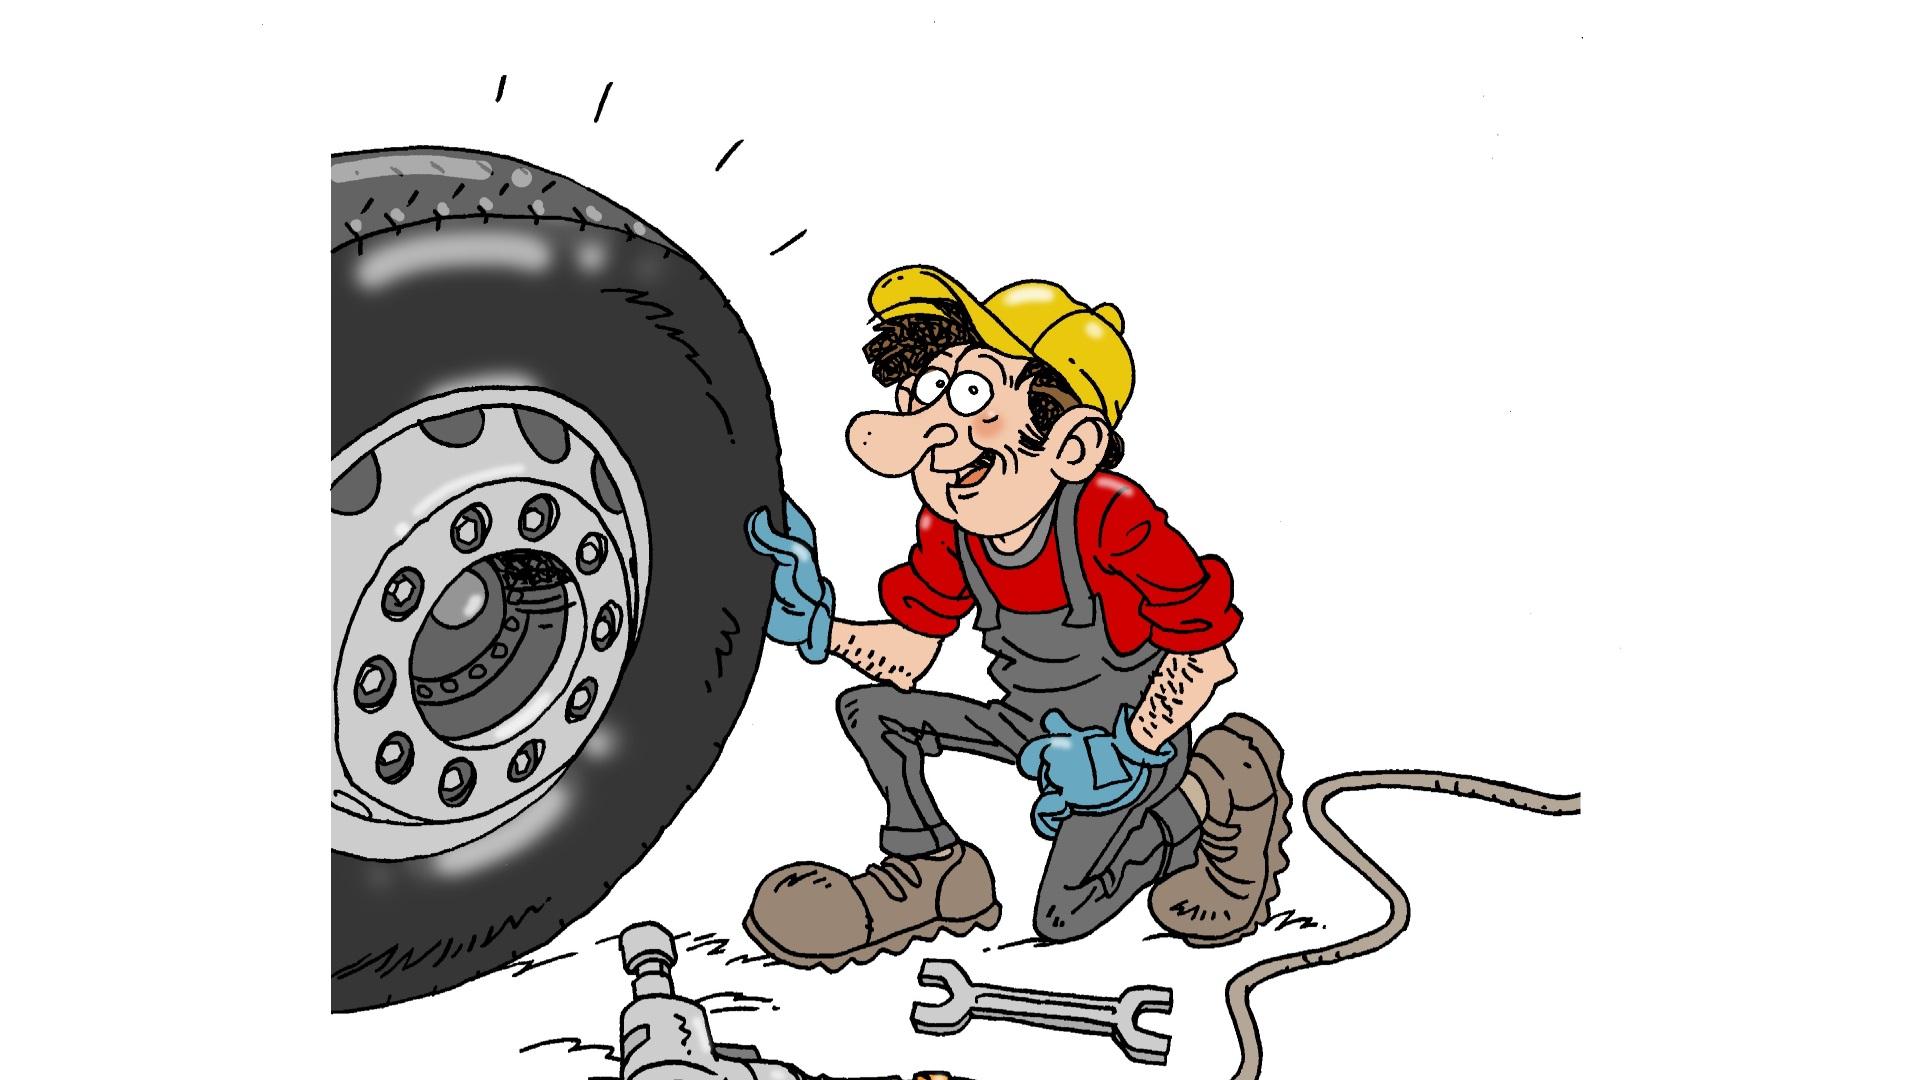 Vacature, Bedrijfswagenmonteur, Bedrijfswagen, Monteur, Winkel, Spaansen Materieel en Techniek B.V., Spaansen